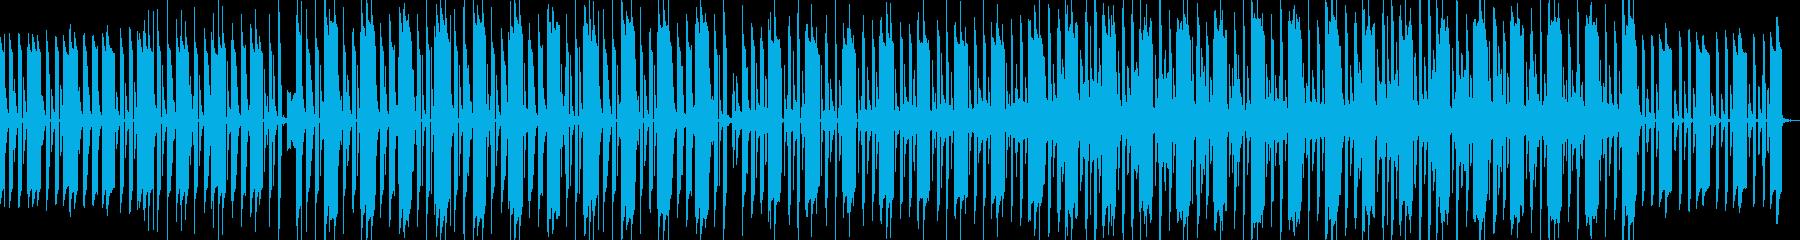 ほのぼのした可愛い曲の再生済みの波形